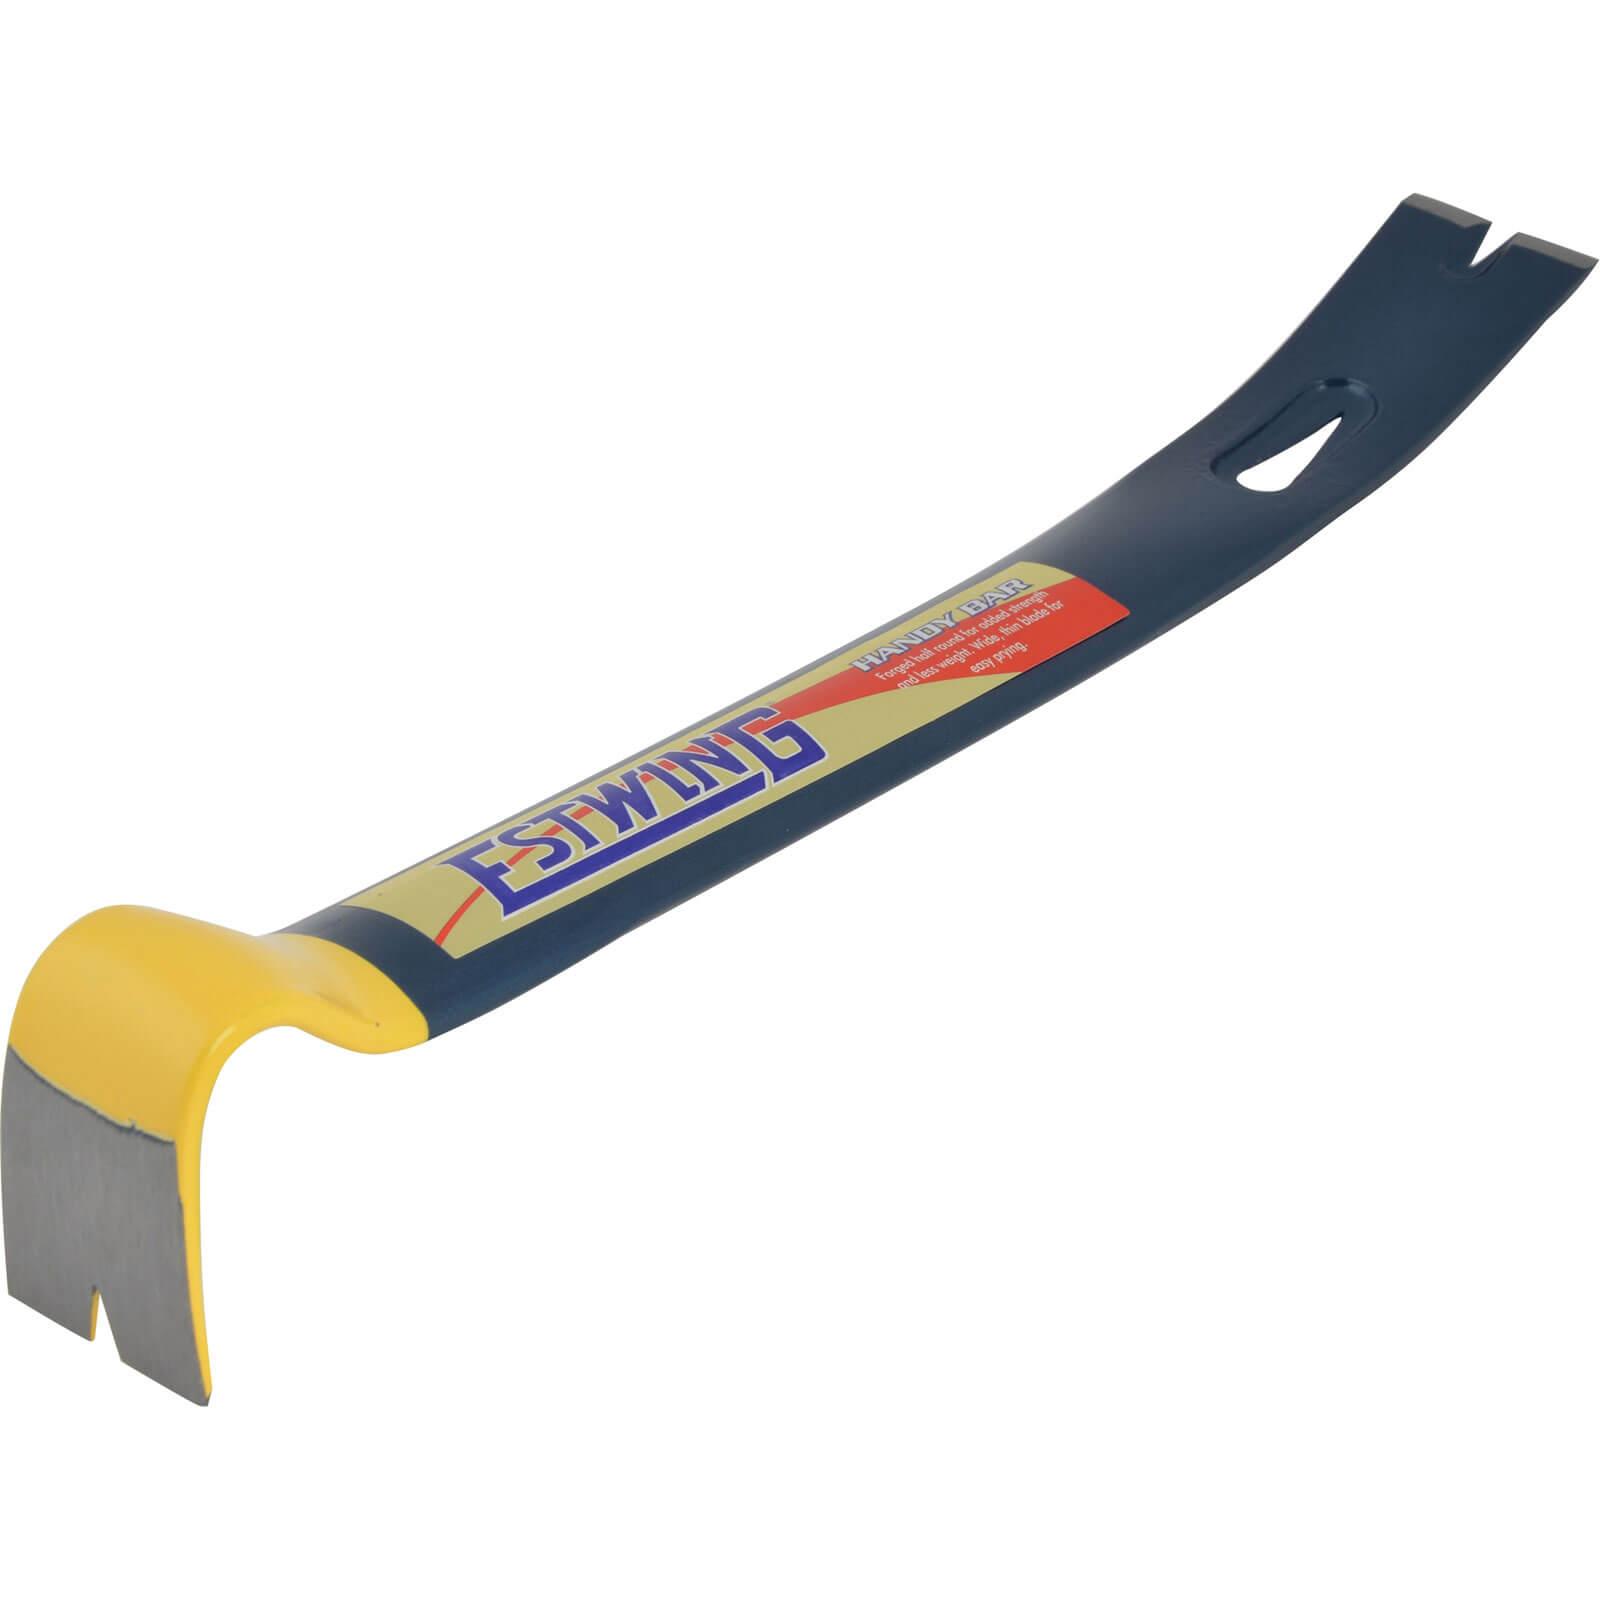 Estwing Handy Bar 375mm